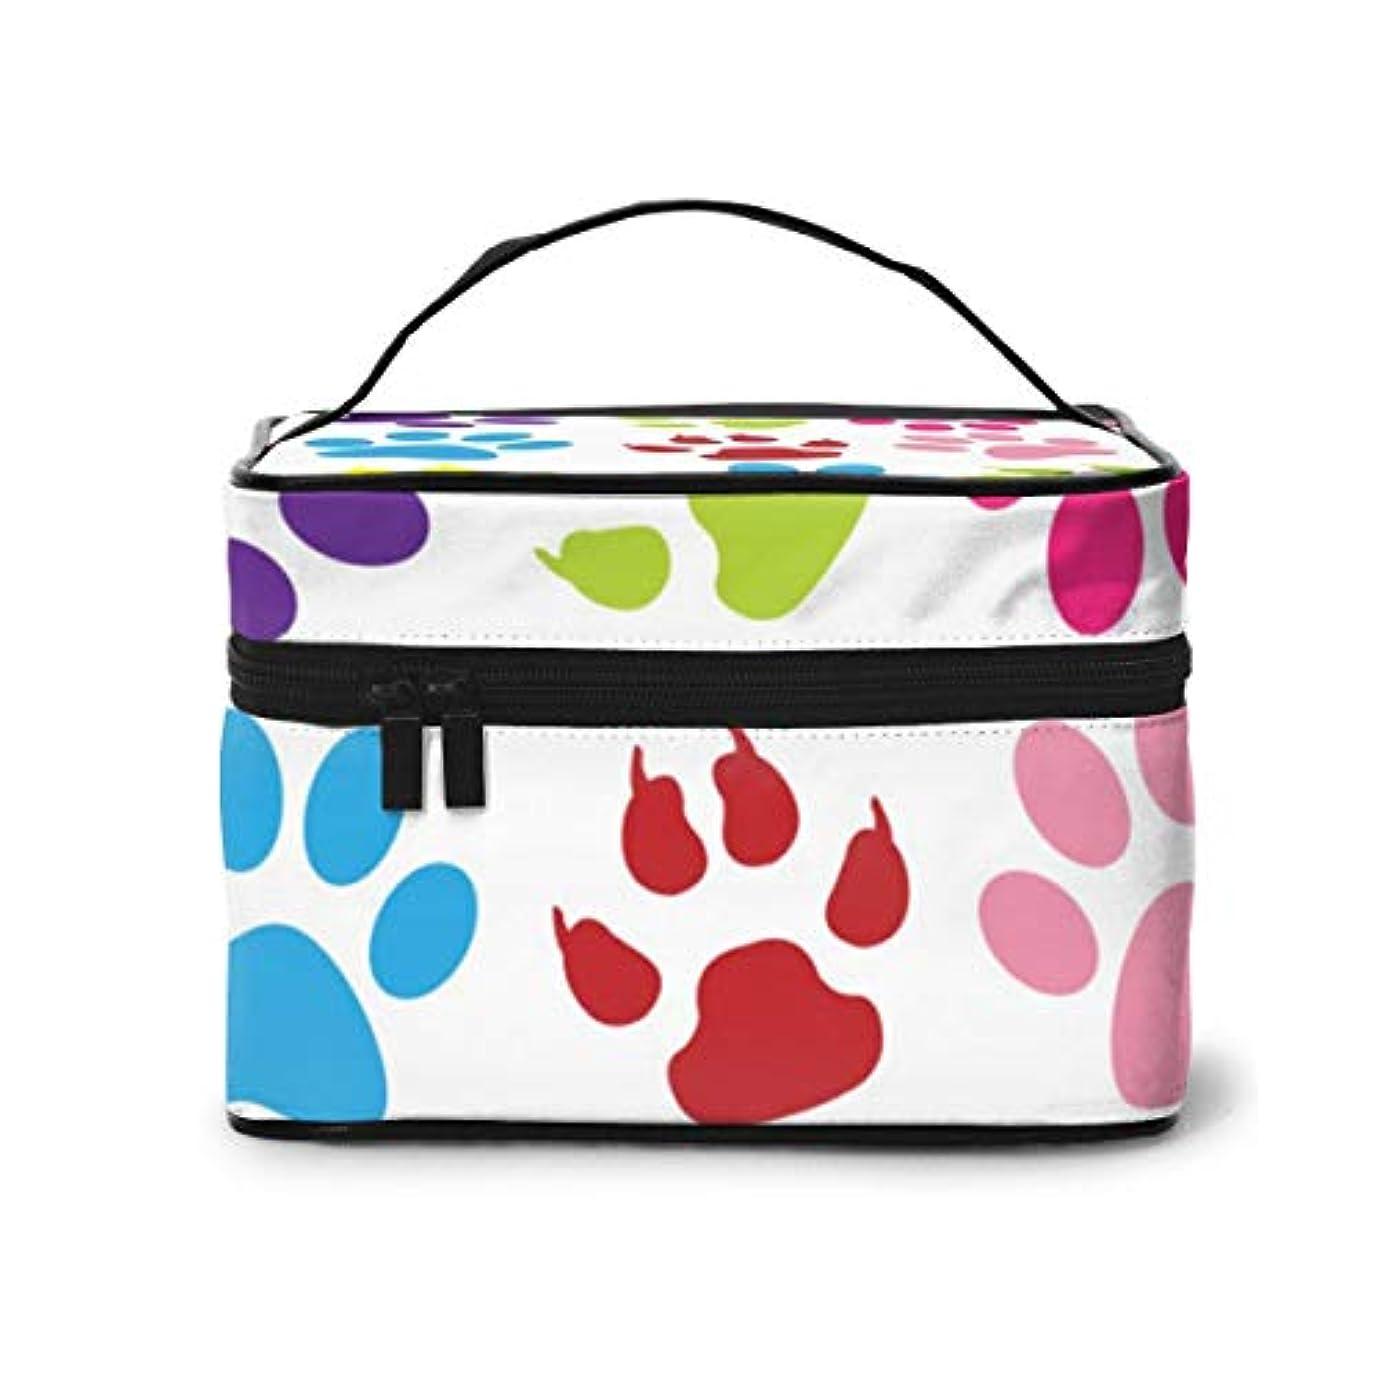 目に見える投獄住むメイクポーチ 化粧ポーチ コスメバッグ バニティケース トラベルポーチ 犬 イヌ 足 雑貨 小物入れ 出張用 超軽量 機能的 大容量 収納ボックス